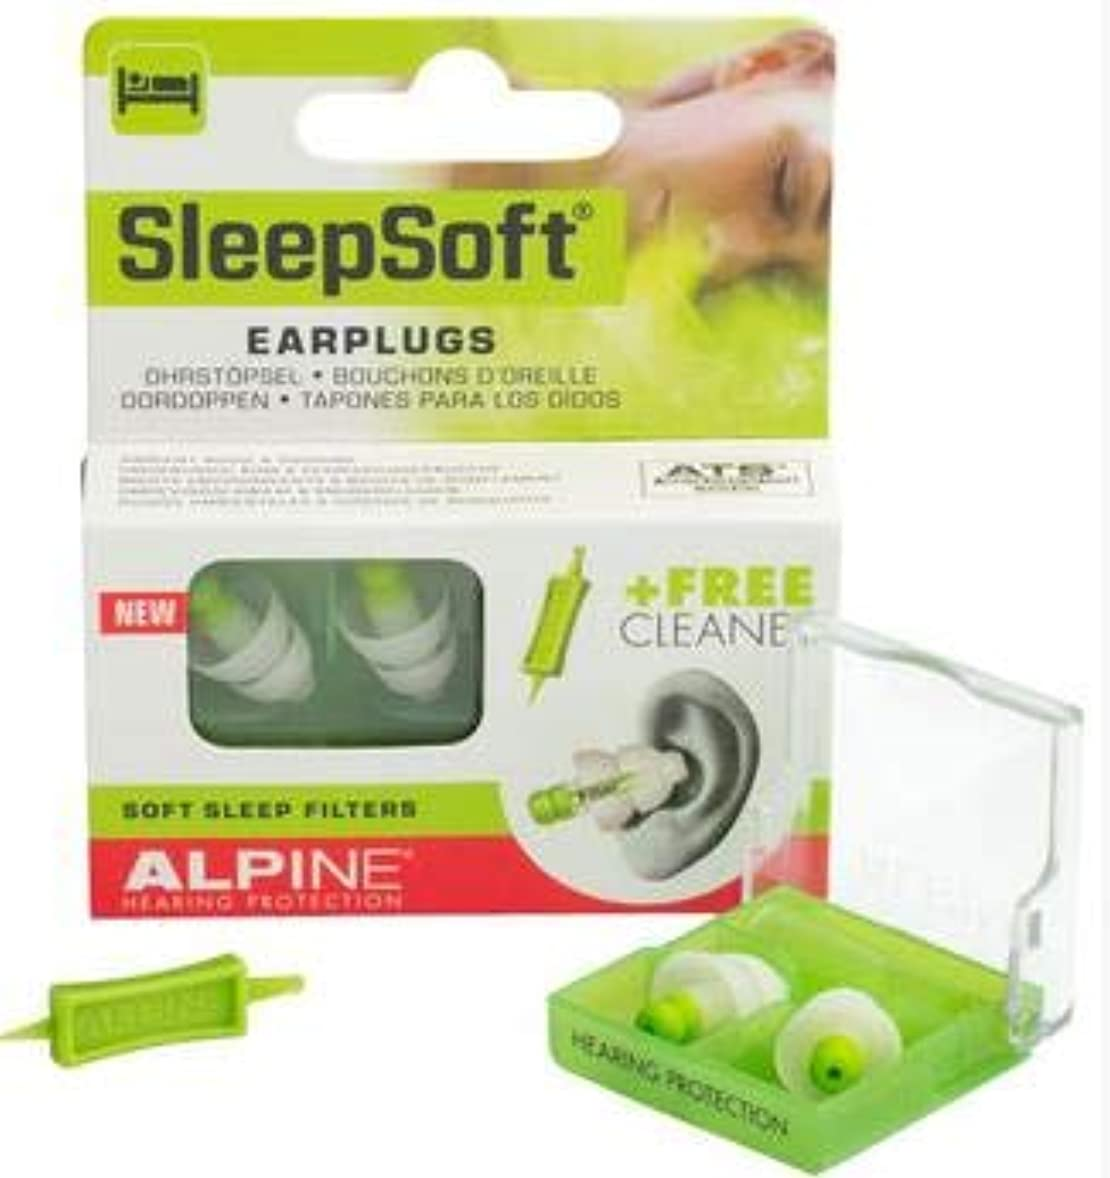 過激派救い水曜日NOTE Ms耳栓アンチいびき睡眠いびきをかく人騒音低減と快適携帯旅行のギフト